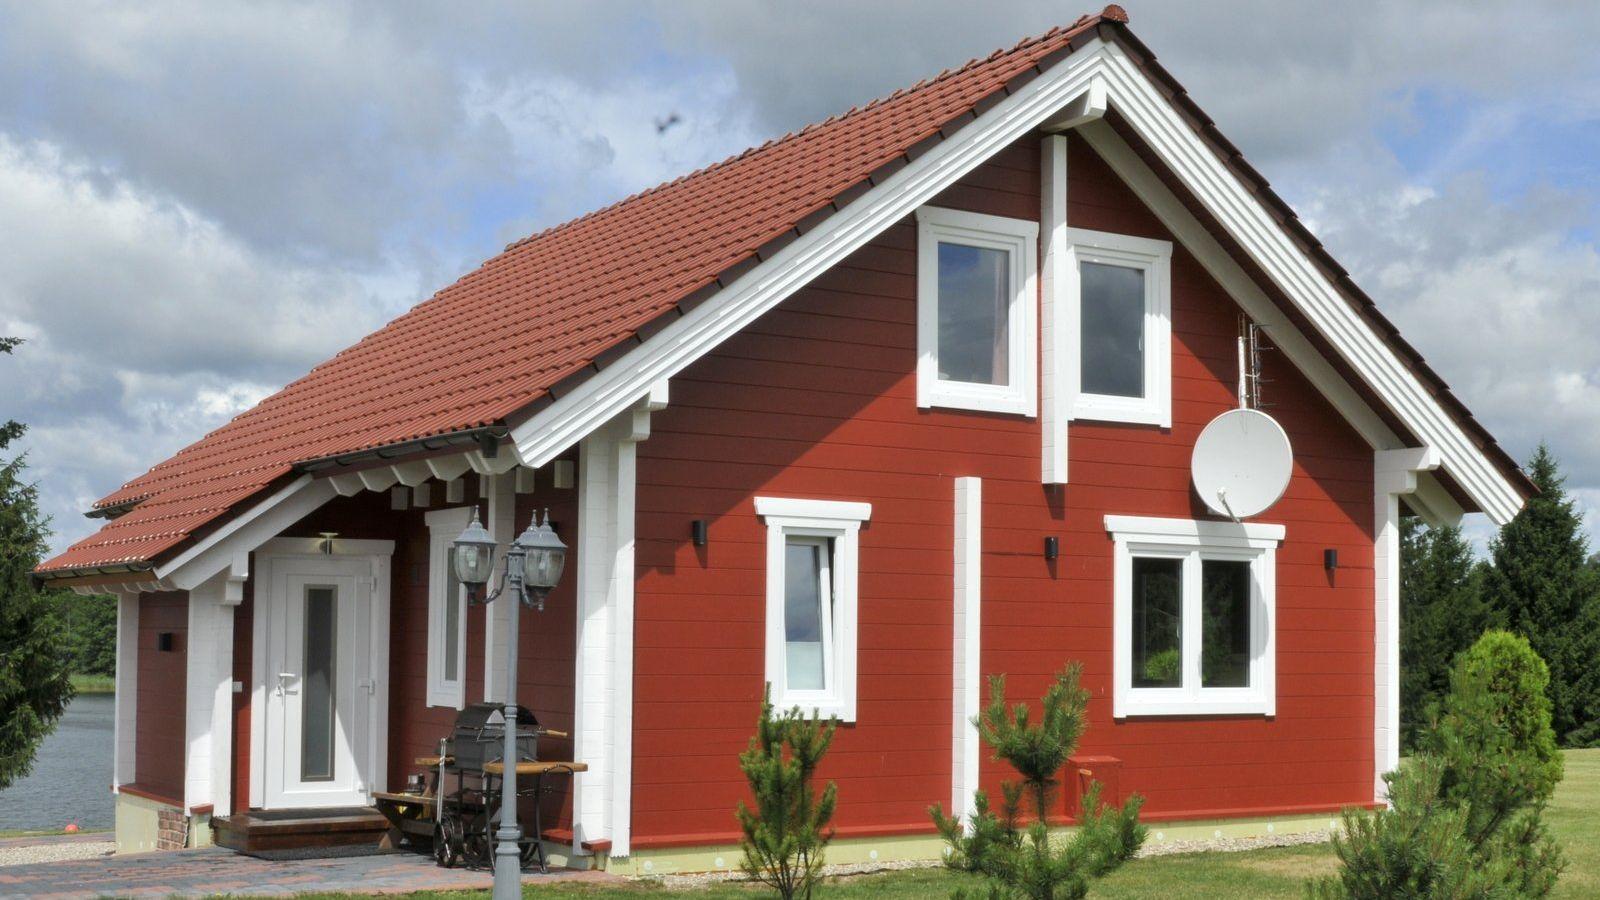 Wochenendhaus Bauen ferienhäuser aus holz » große hochwertige & exklusive auswahl | butenas